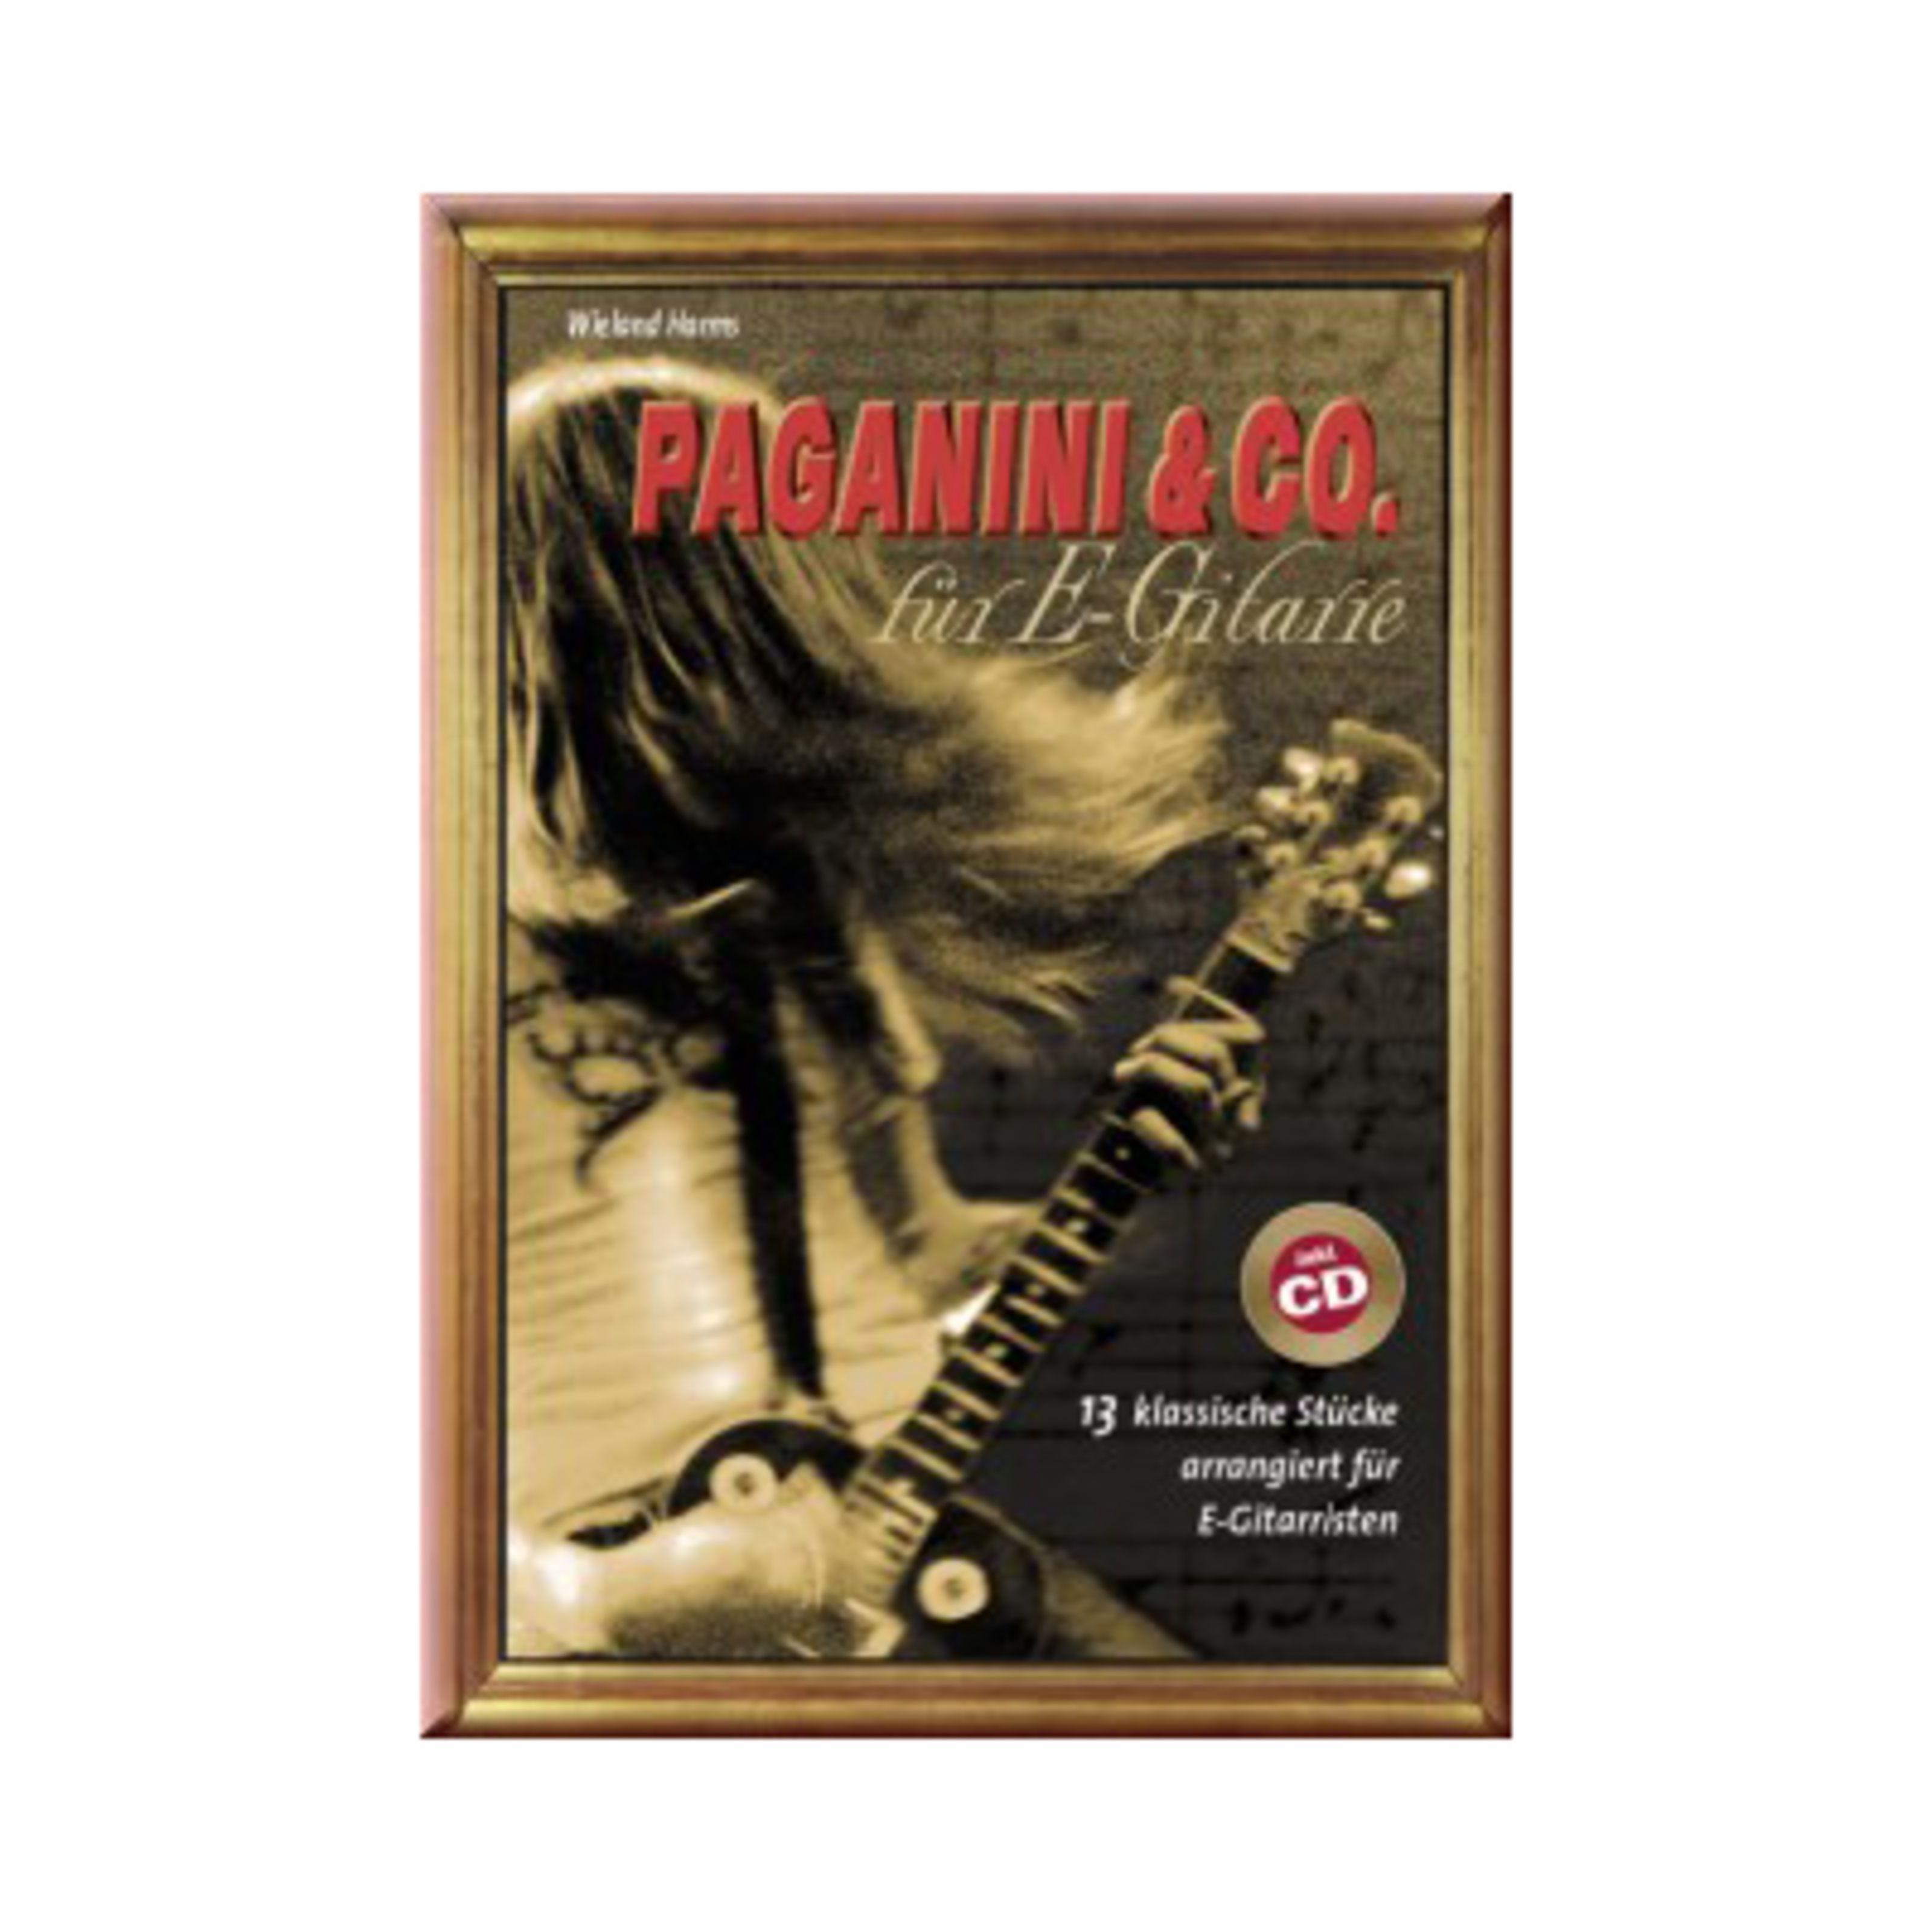 Gerig-Verlag - Paganini & Co für E-Gitarre EM 5624